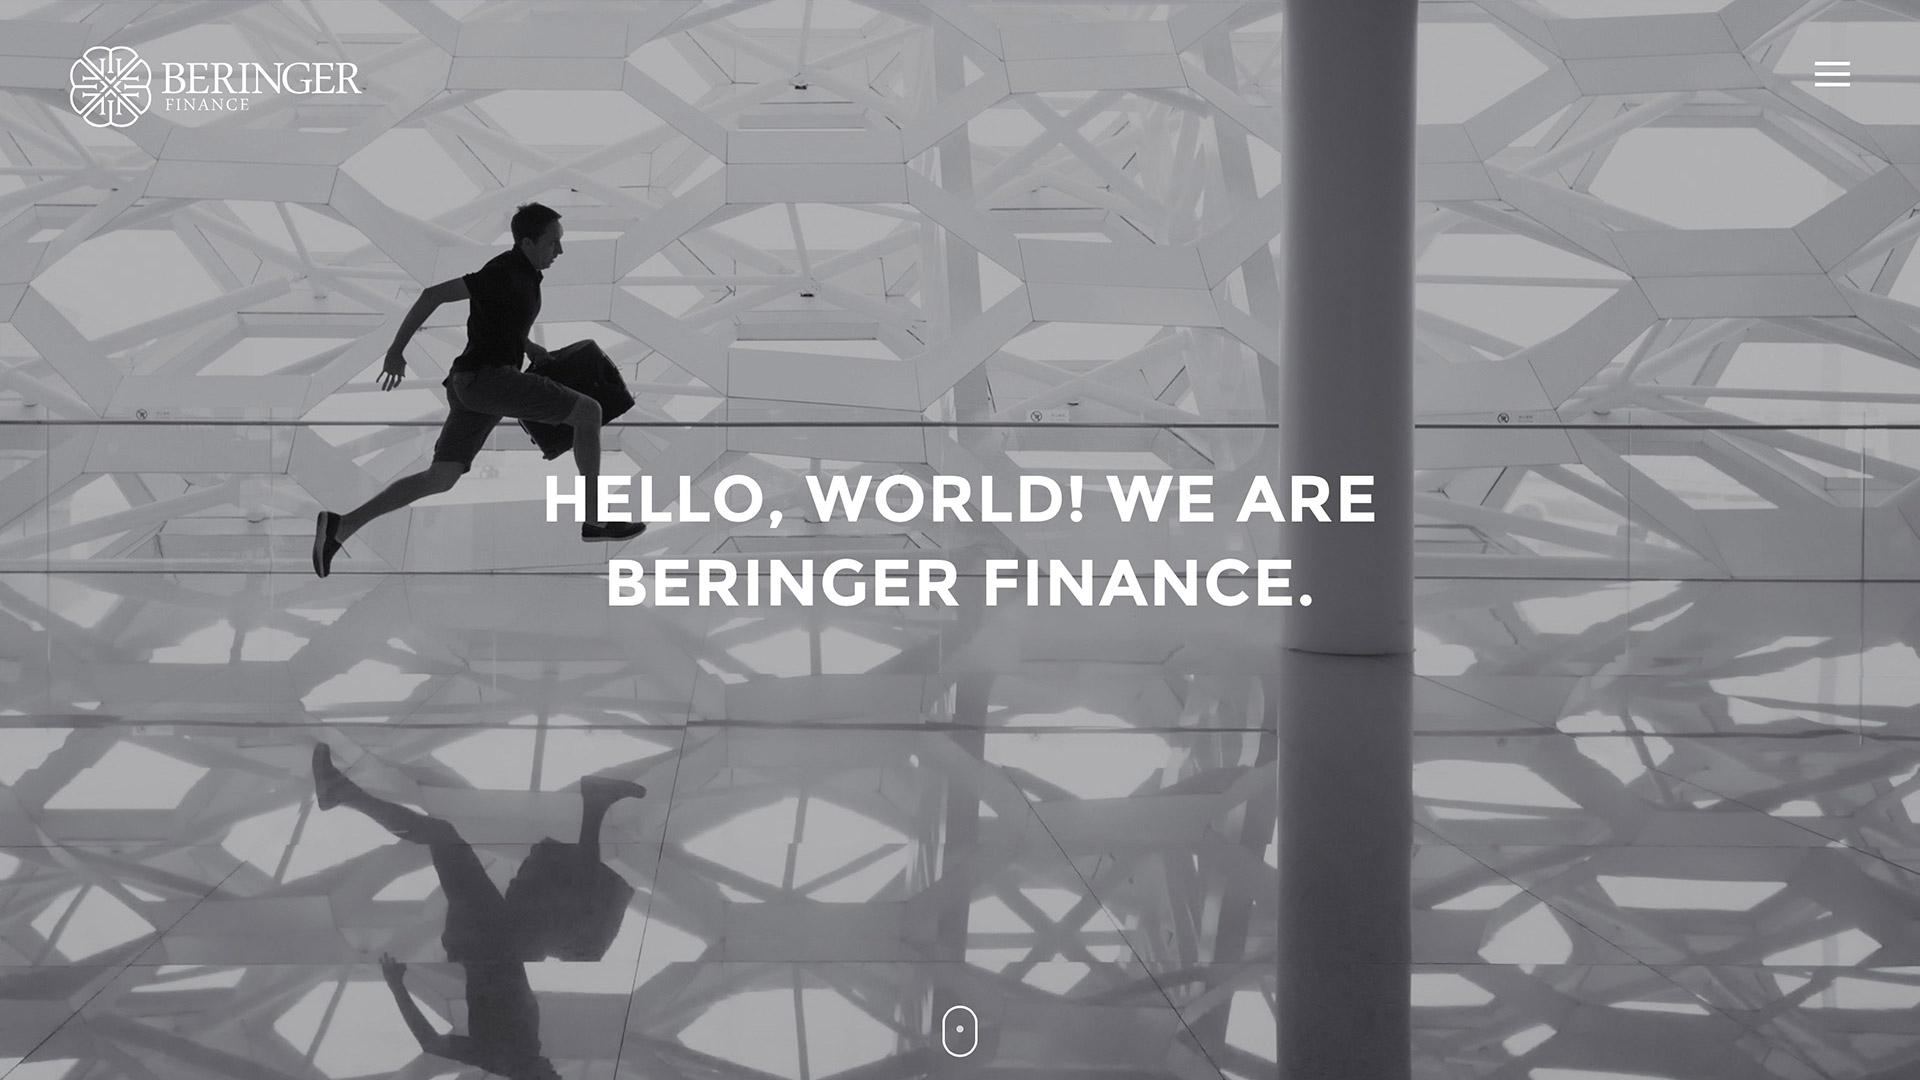 Beringer Finance